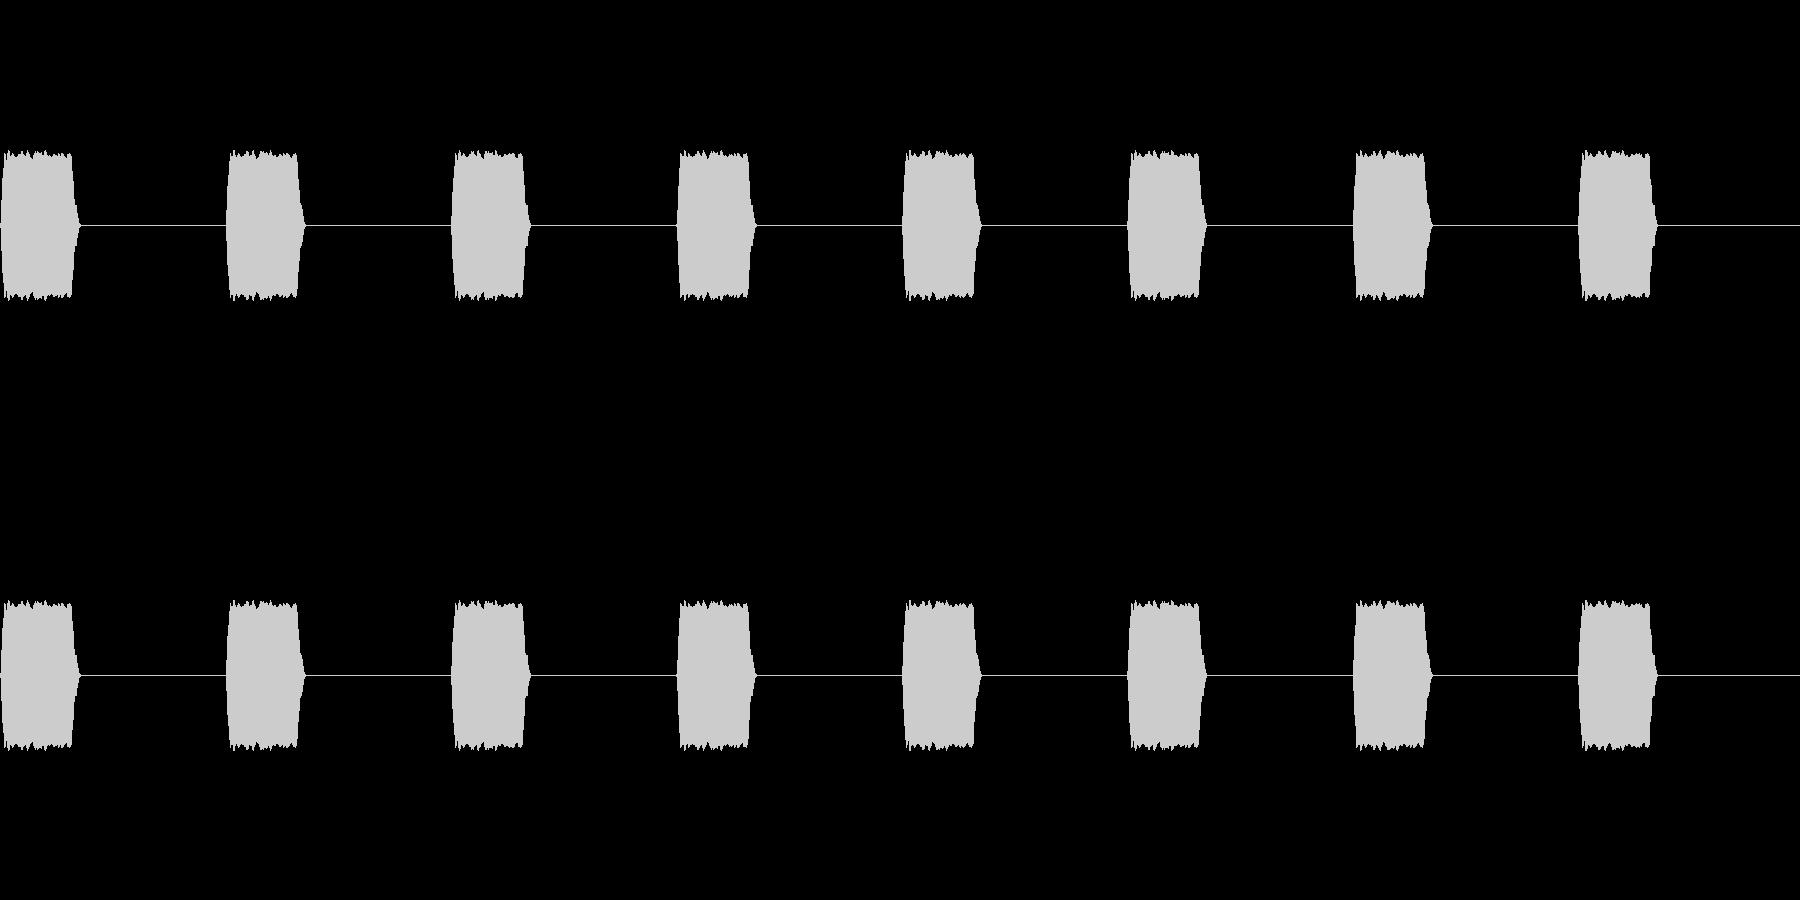 ブーン、ブーン(携帯電話のバイブ)の未再生の波形